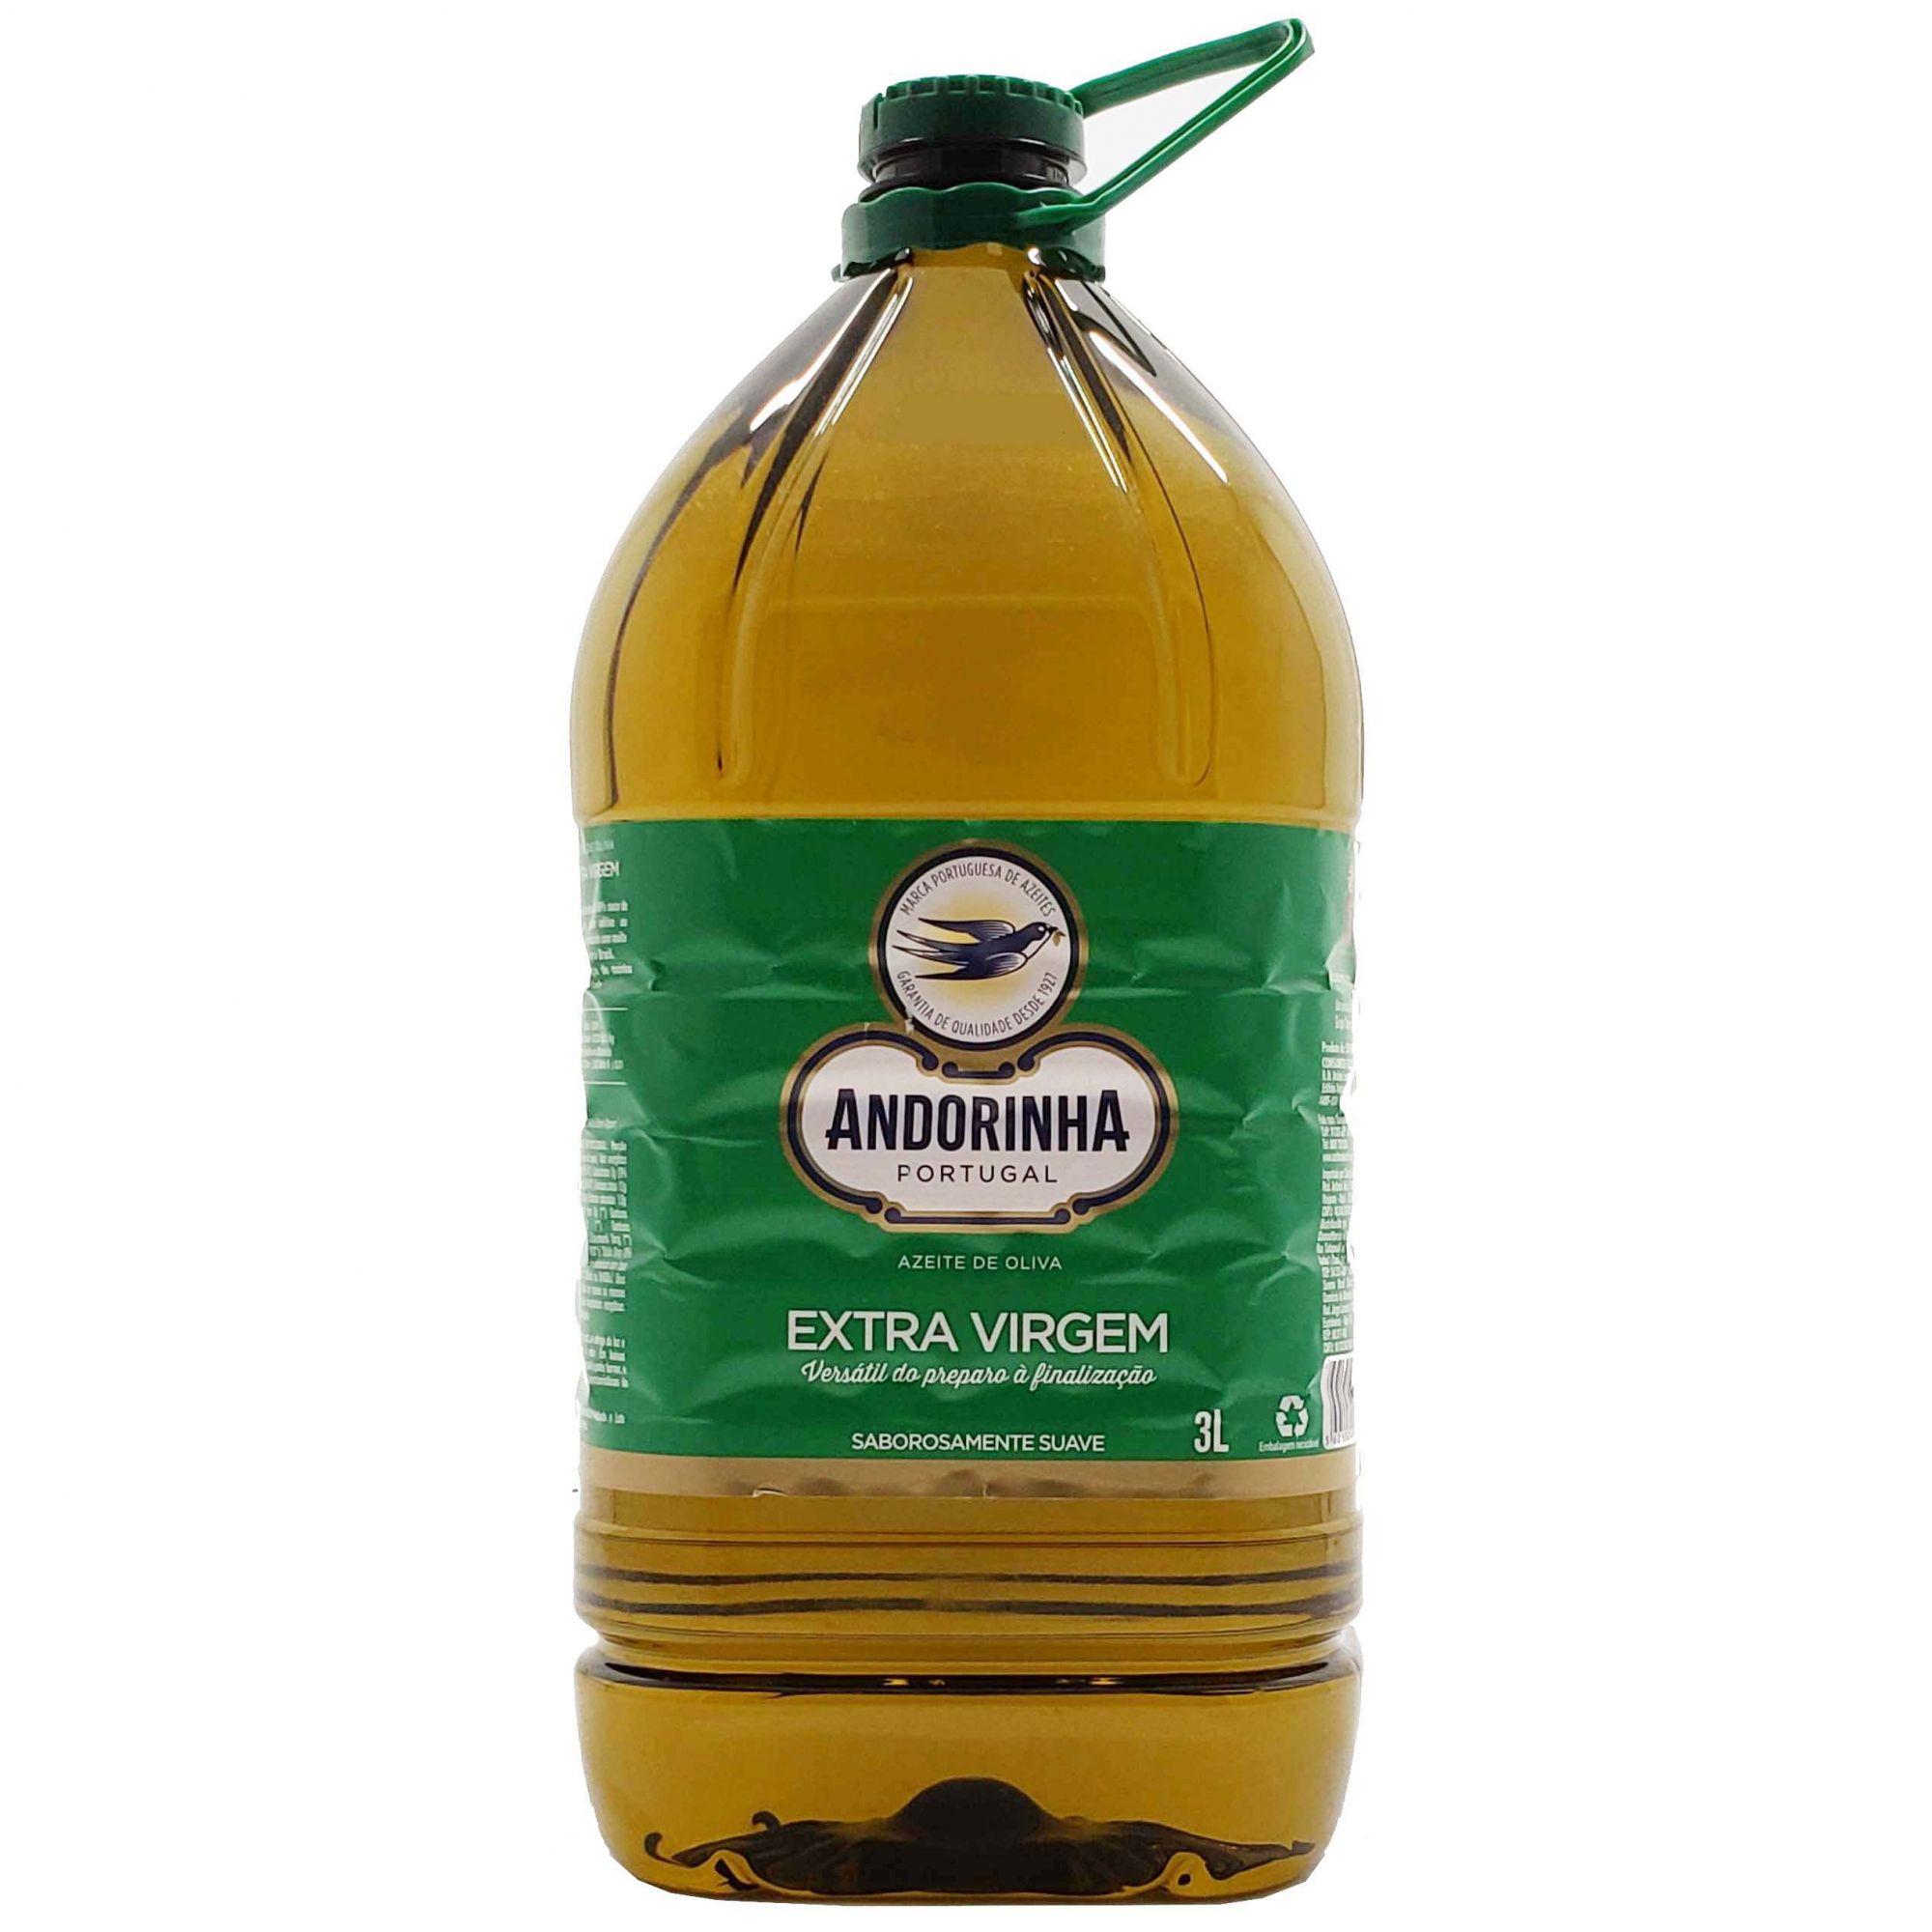 Azeite de Oliva Extra Virgem Andorinha - 3L -